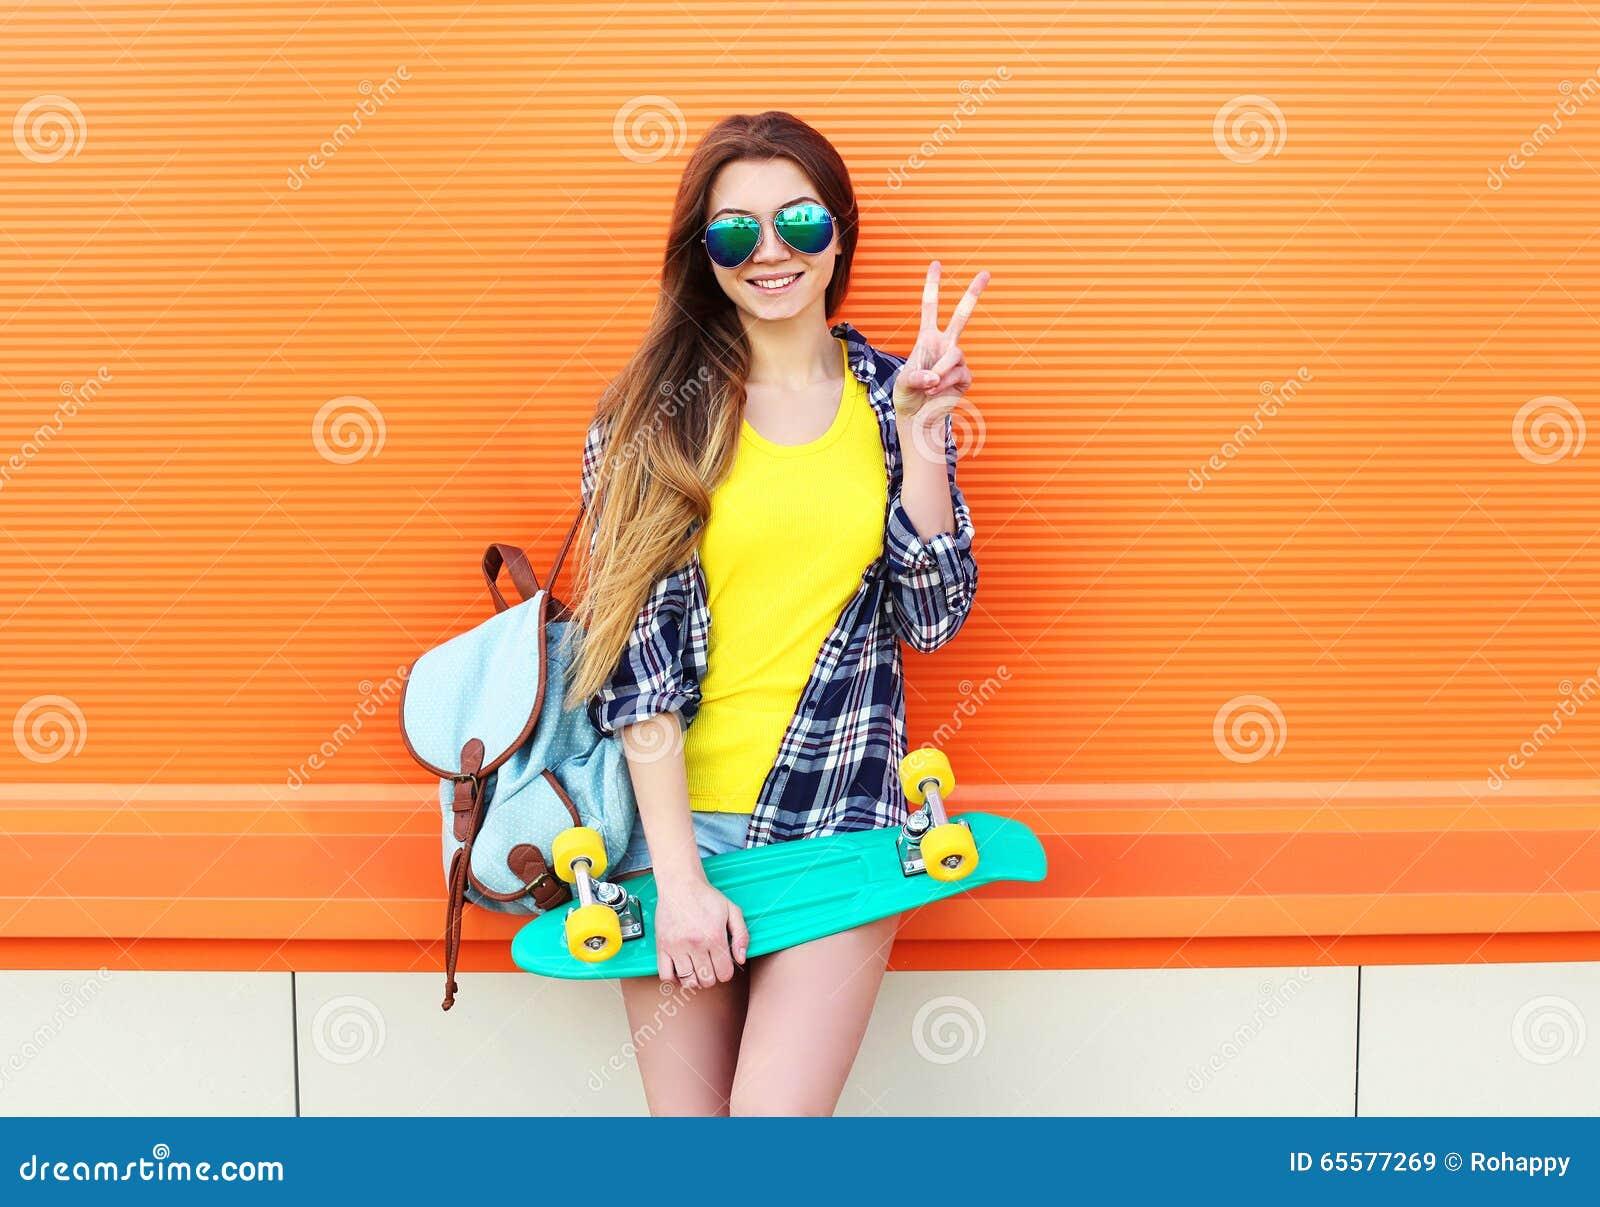 塑造相当凉快女孩佩带太阳镜,有获得的滑板的背包乐趣